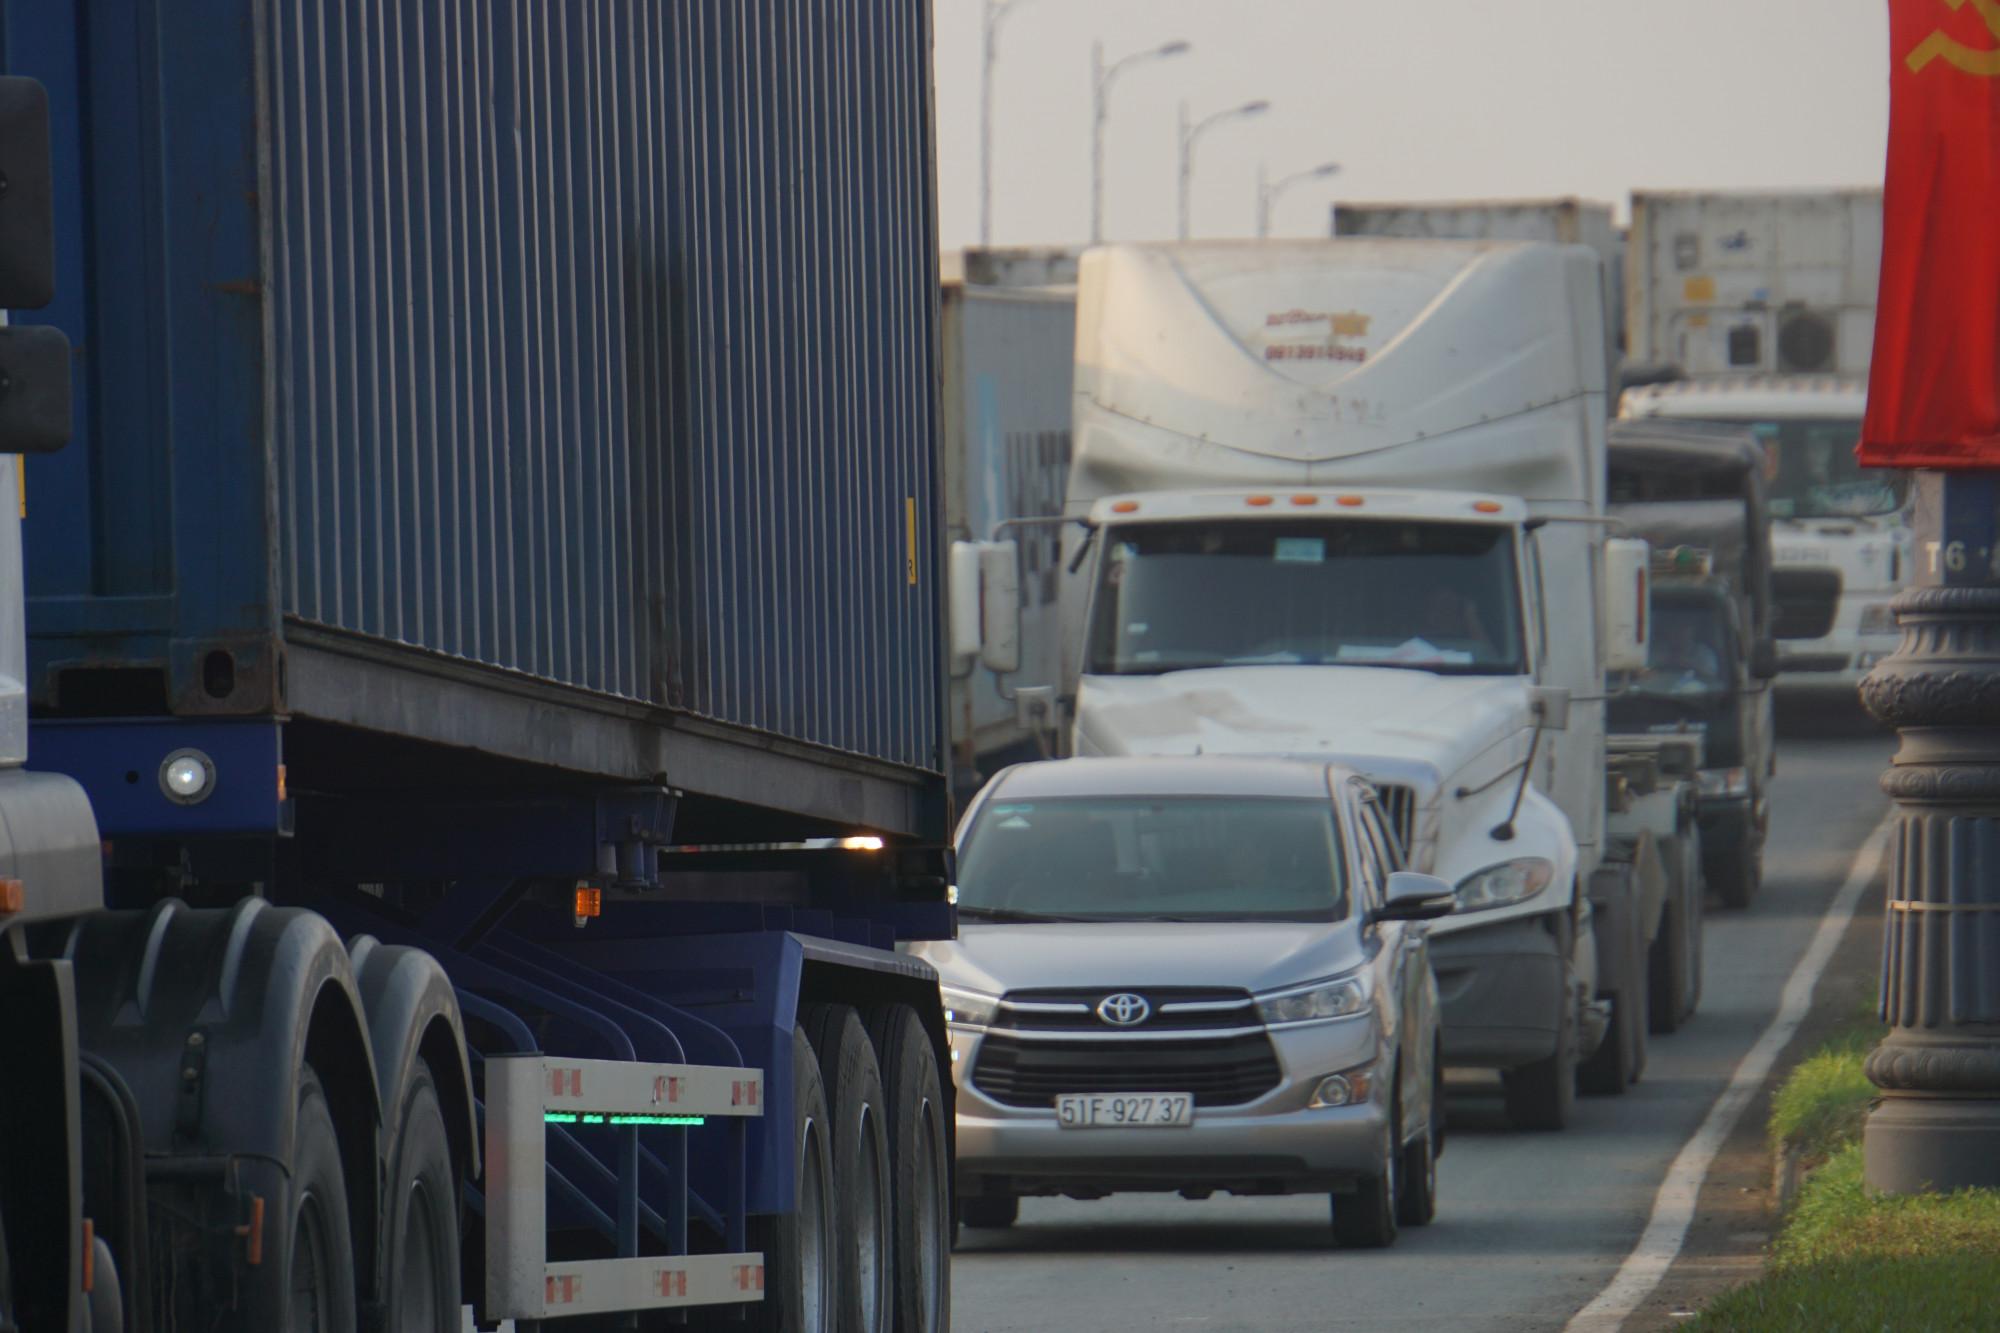 Cầu Rạch Chiếc hướng từ Mai Chí Thọ về ngã tư MK, hàng nghìn ô tô nối dài